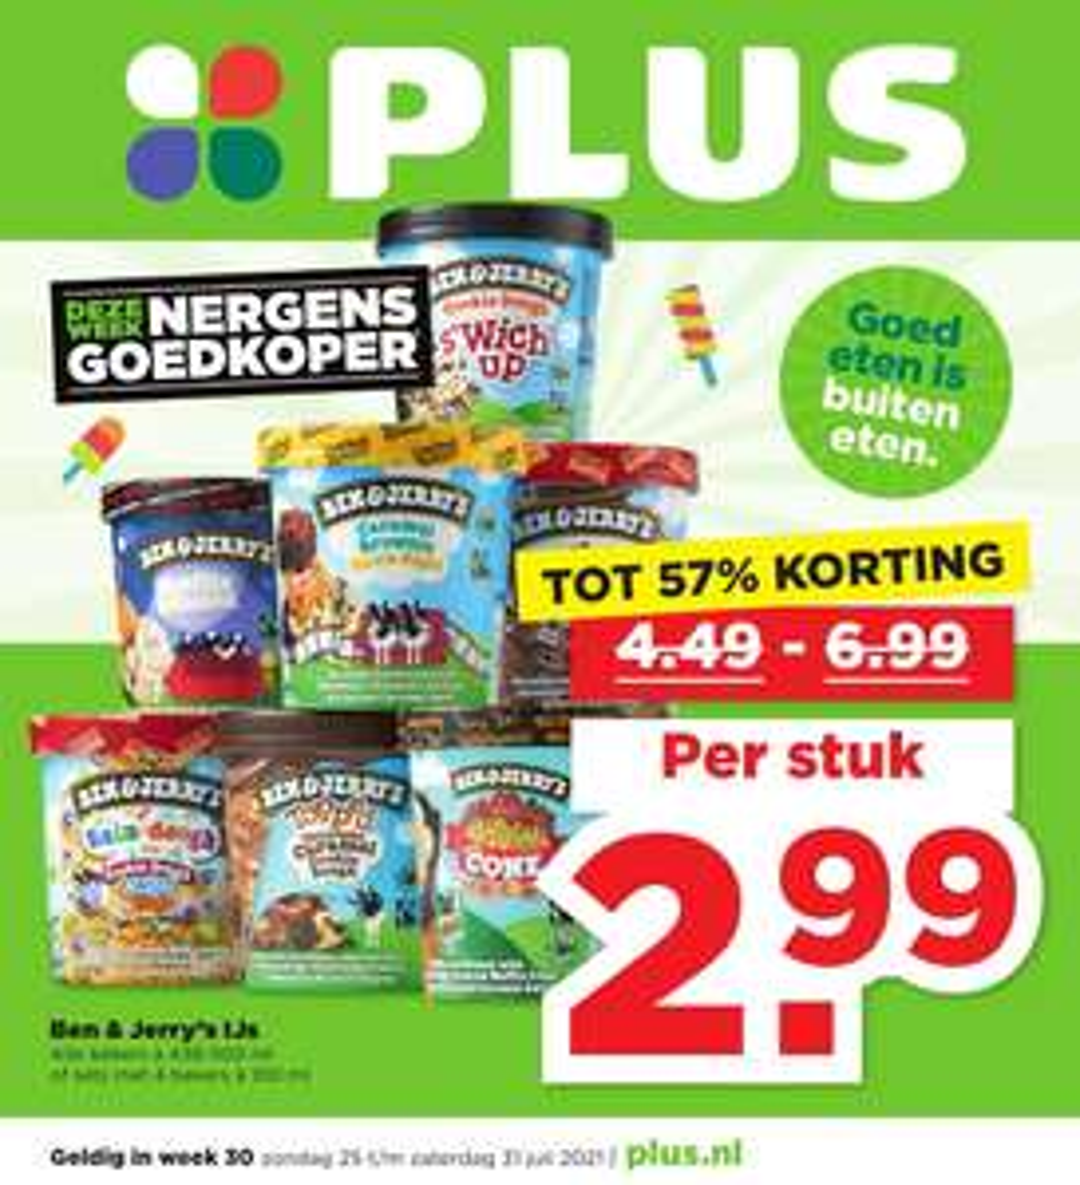 Ben & Jerry ijs tot 57% korting bij de Plus supermarkt